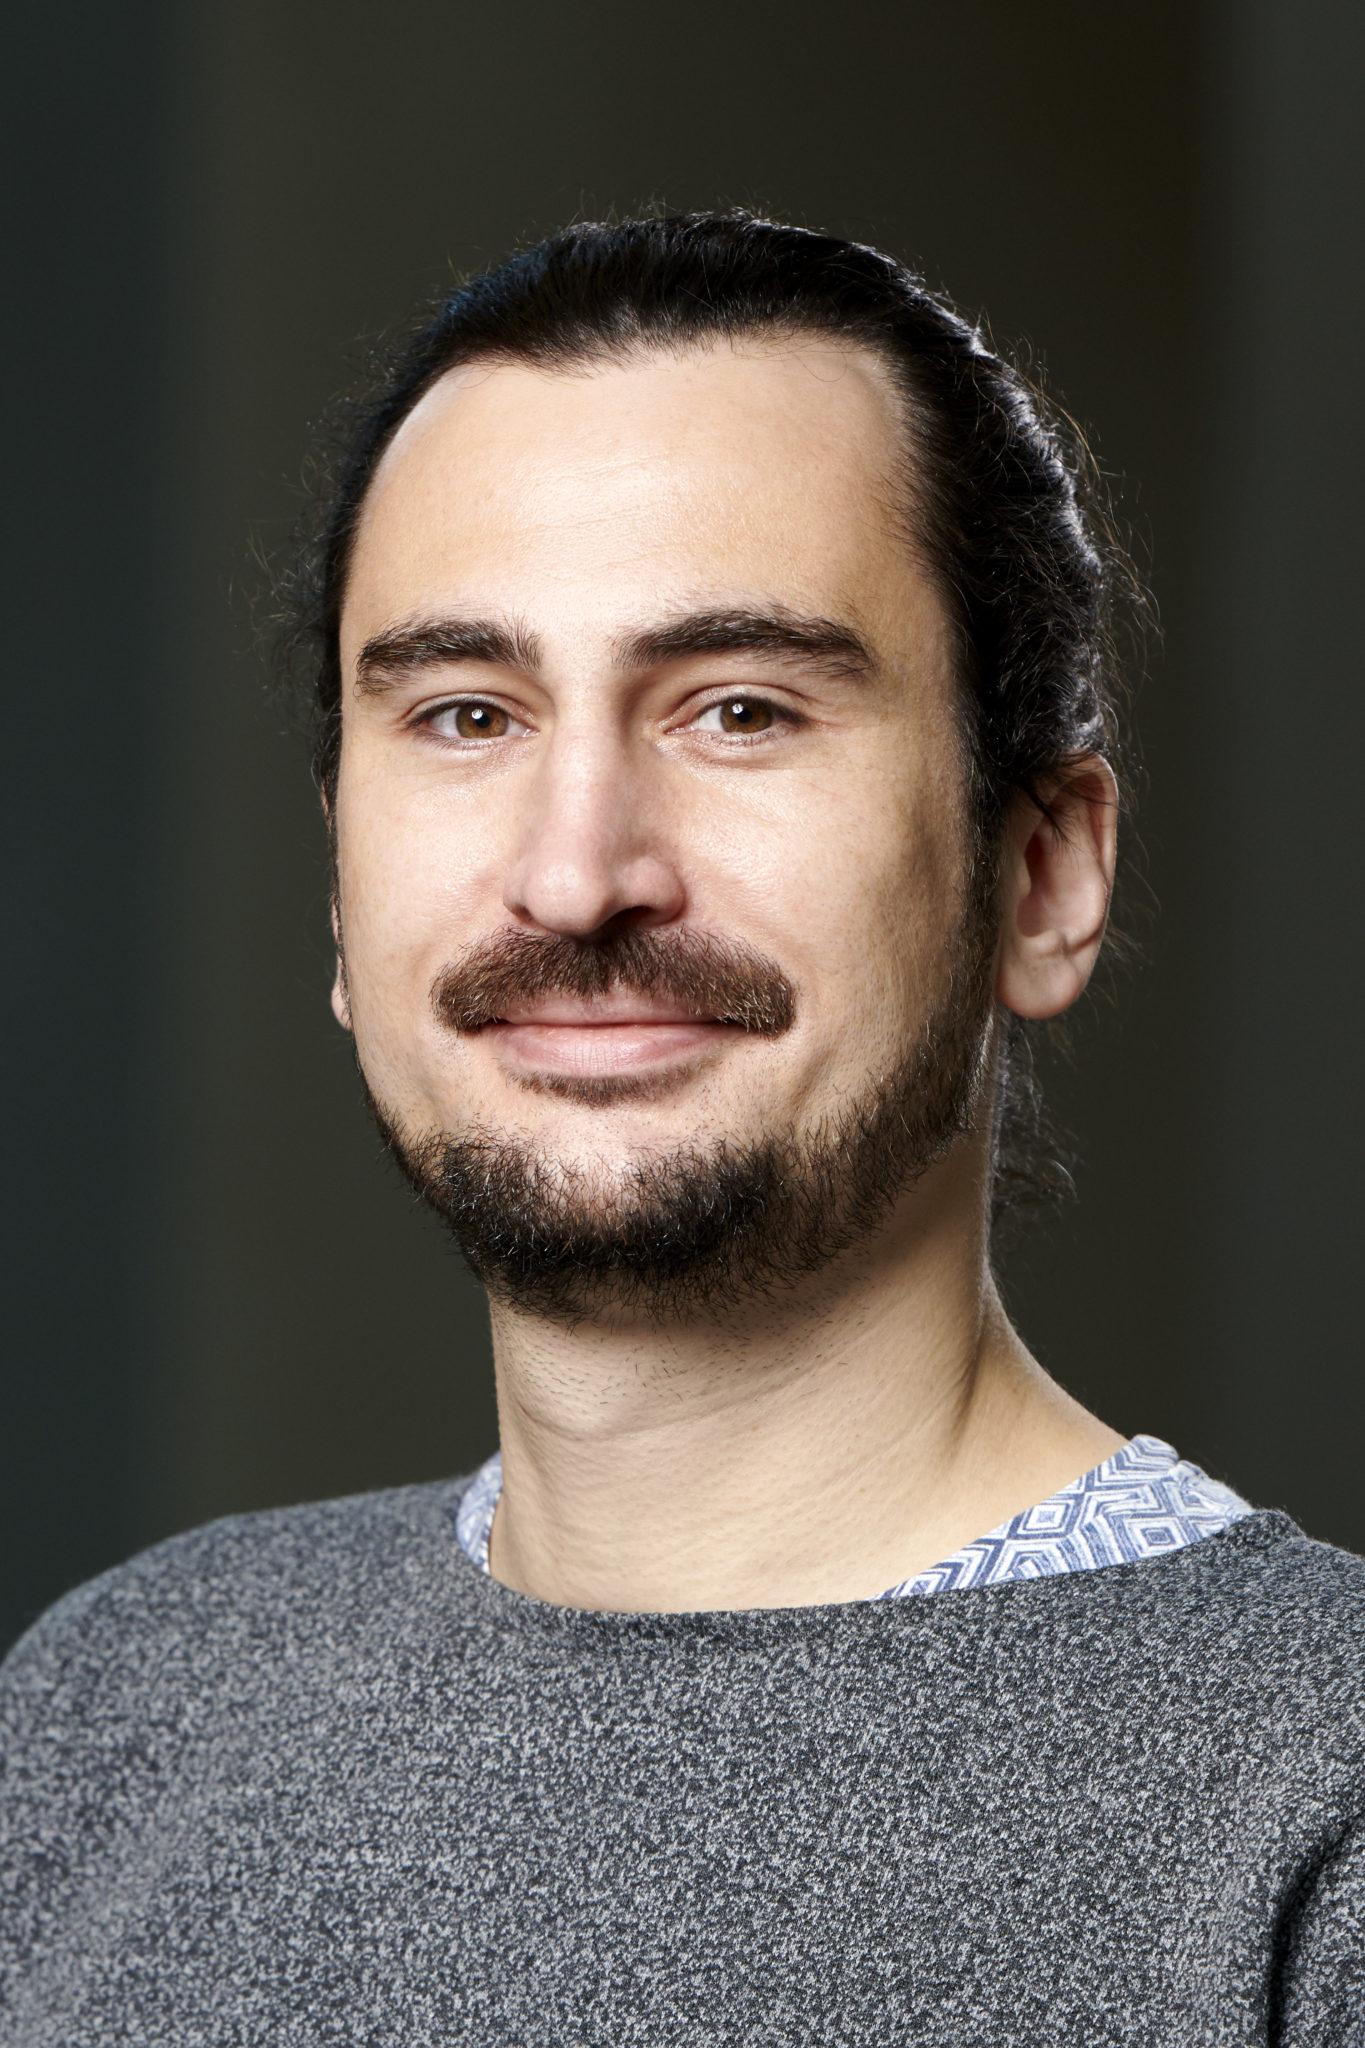 Kuba Jablonowski